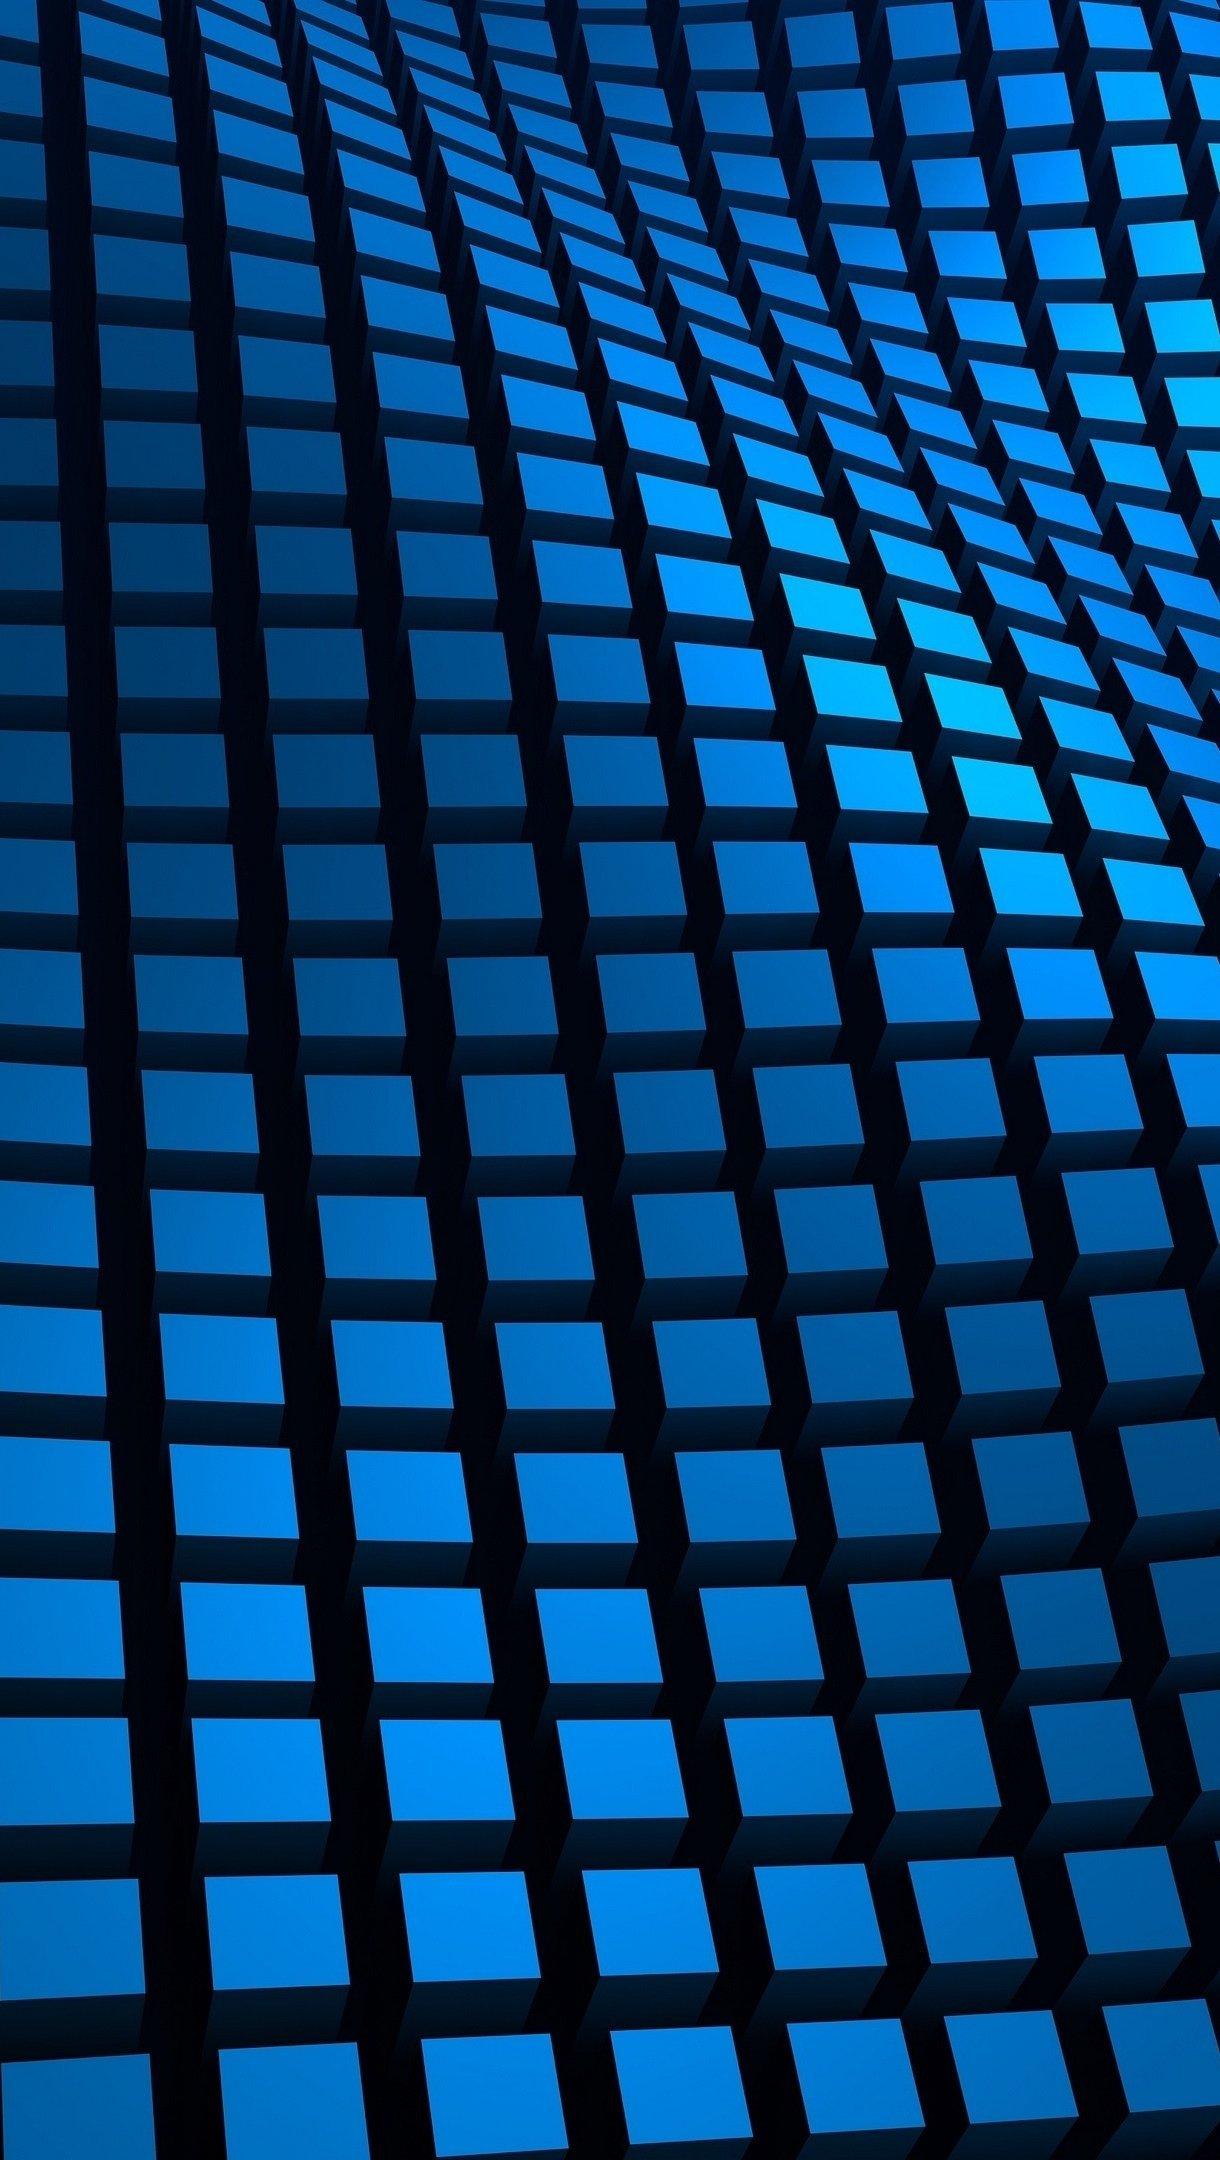 Fondos de pantalla Ondas a cuadros azules 3D Vertical